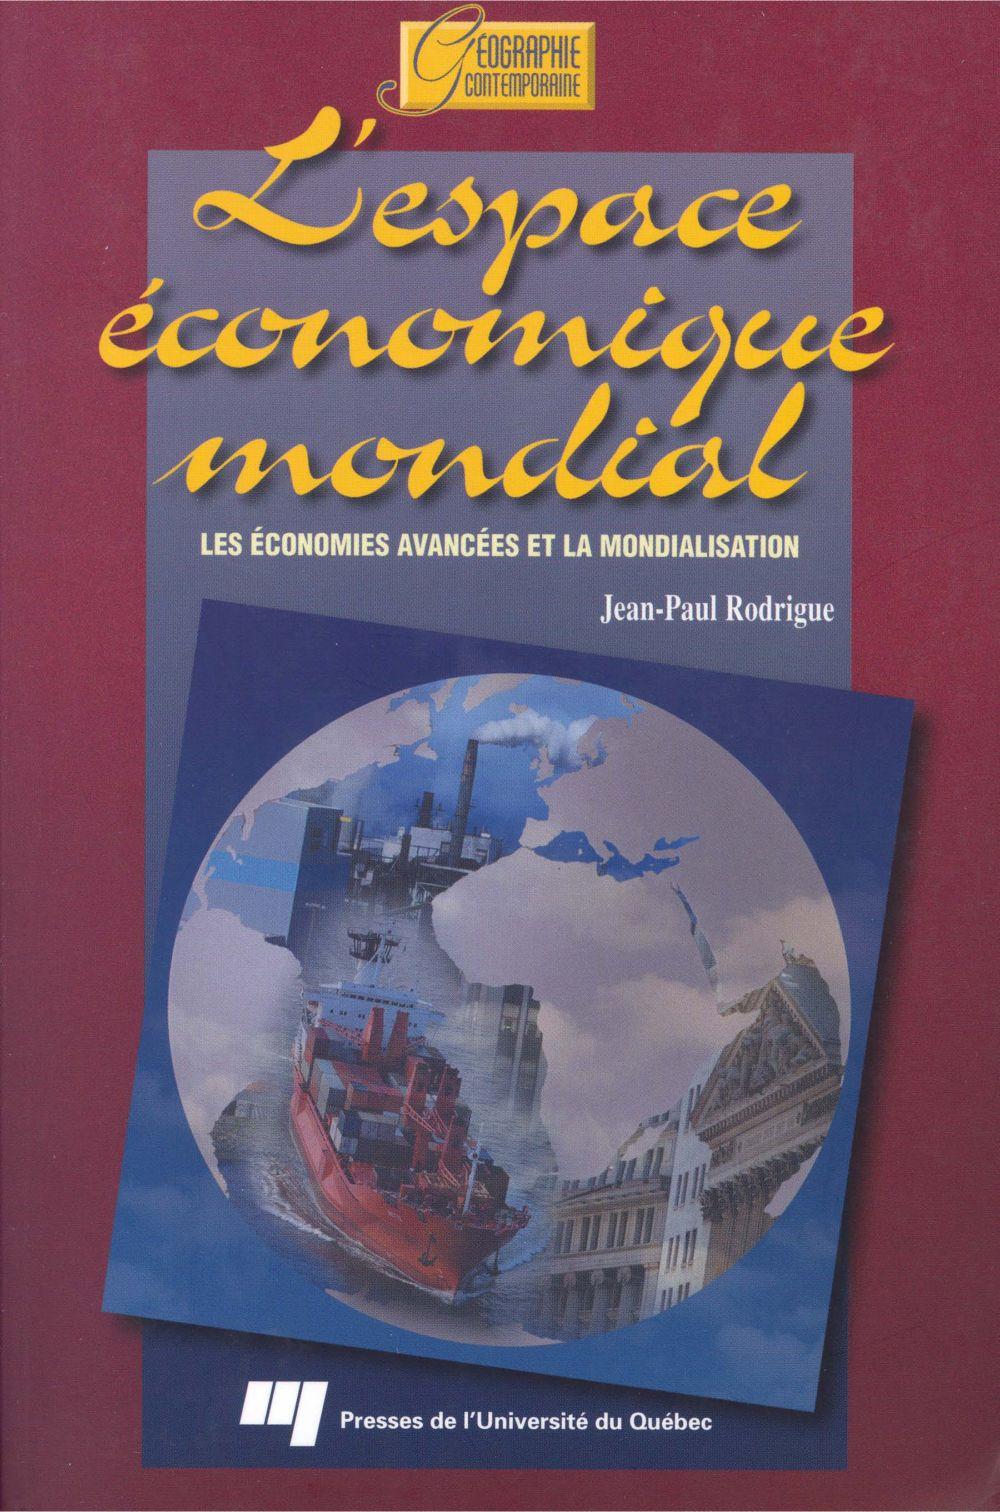 L'espace économique mondial